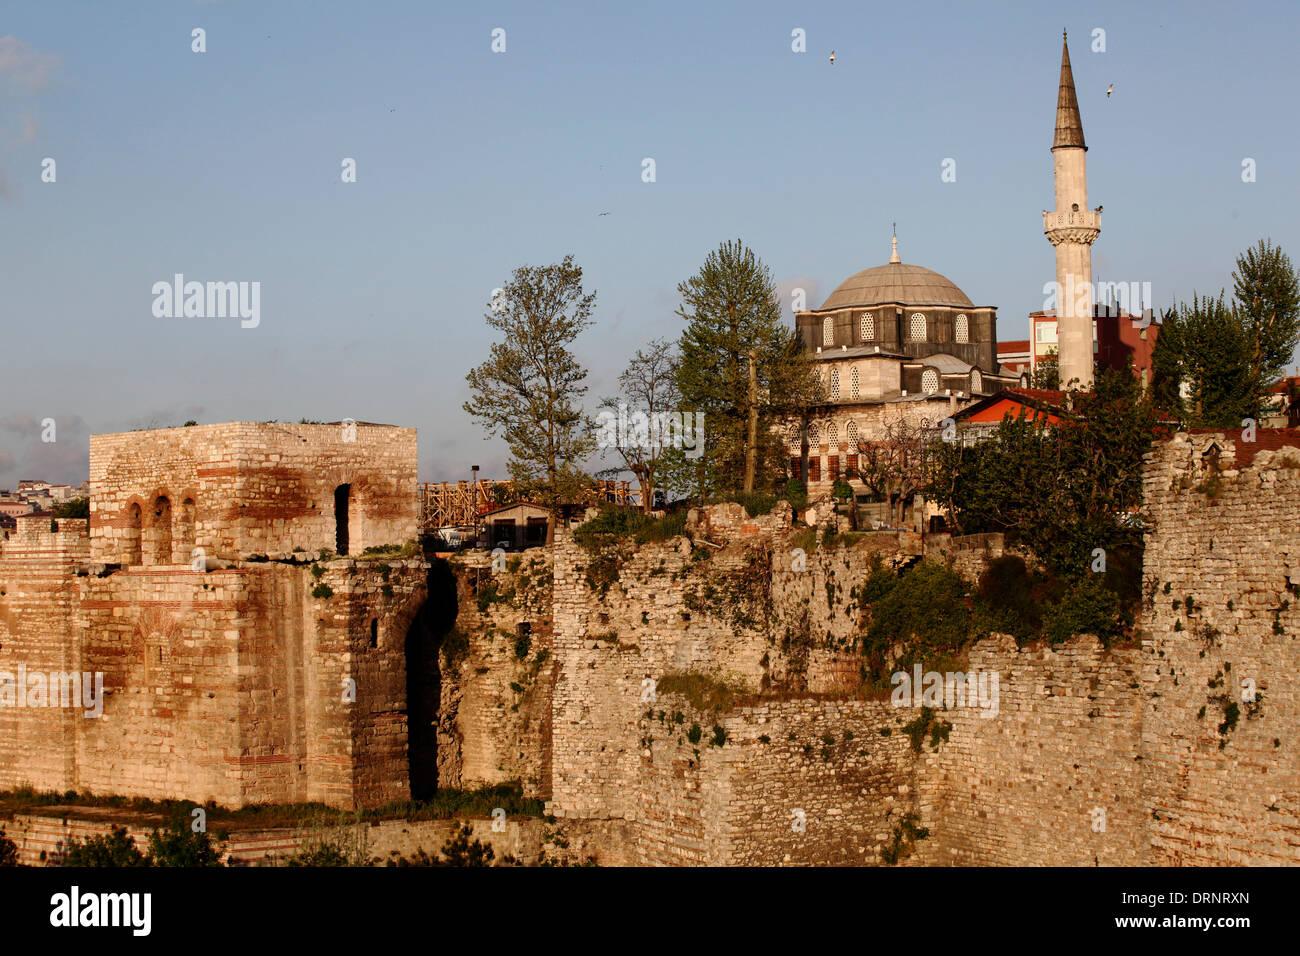 Histórico de la fortaleza de Estambul TURQUÍA Imagen De Stock